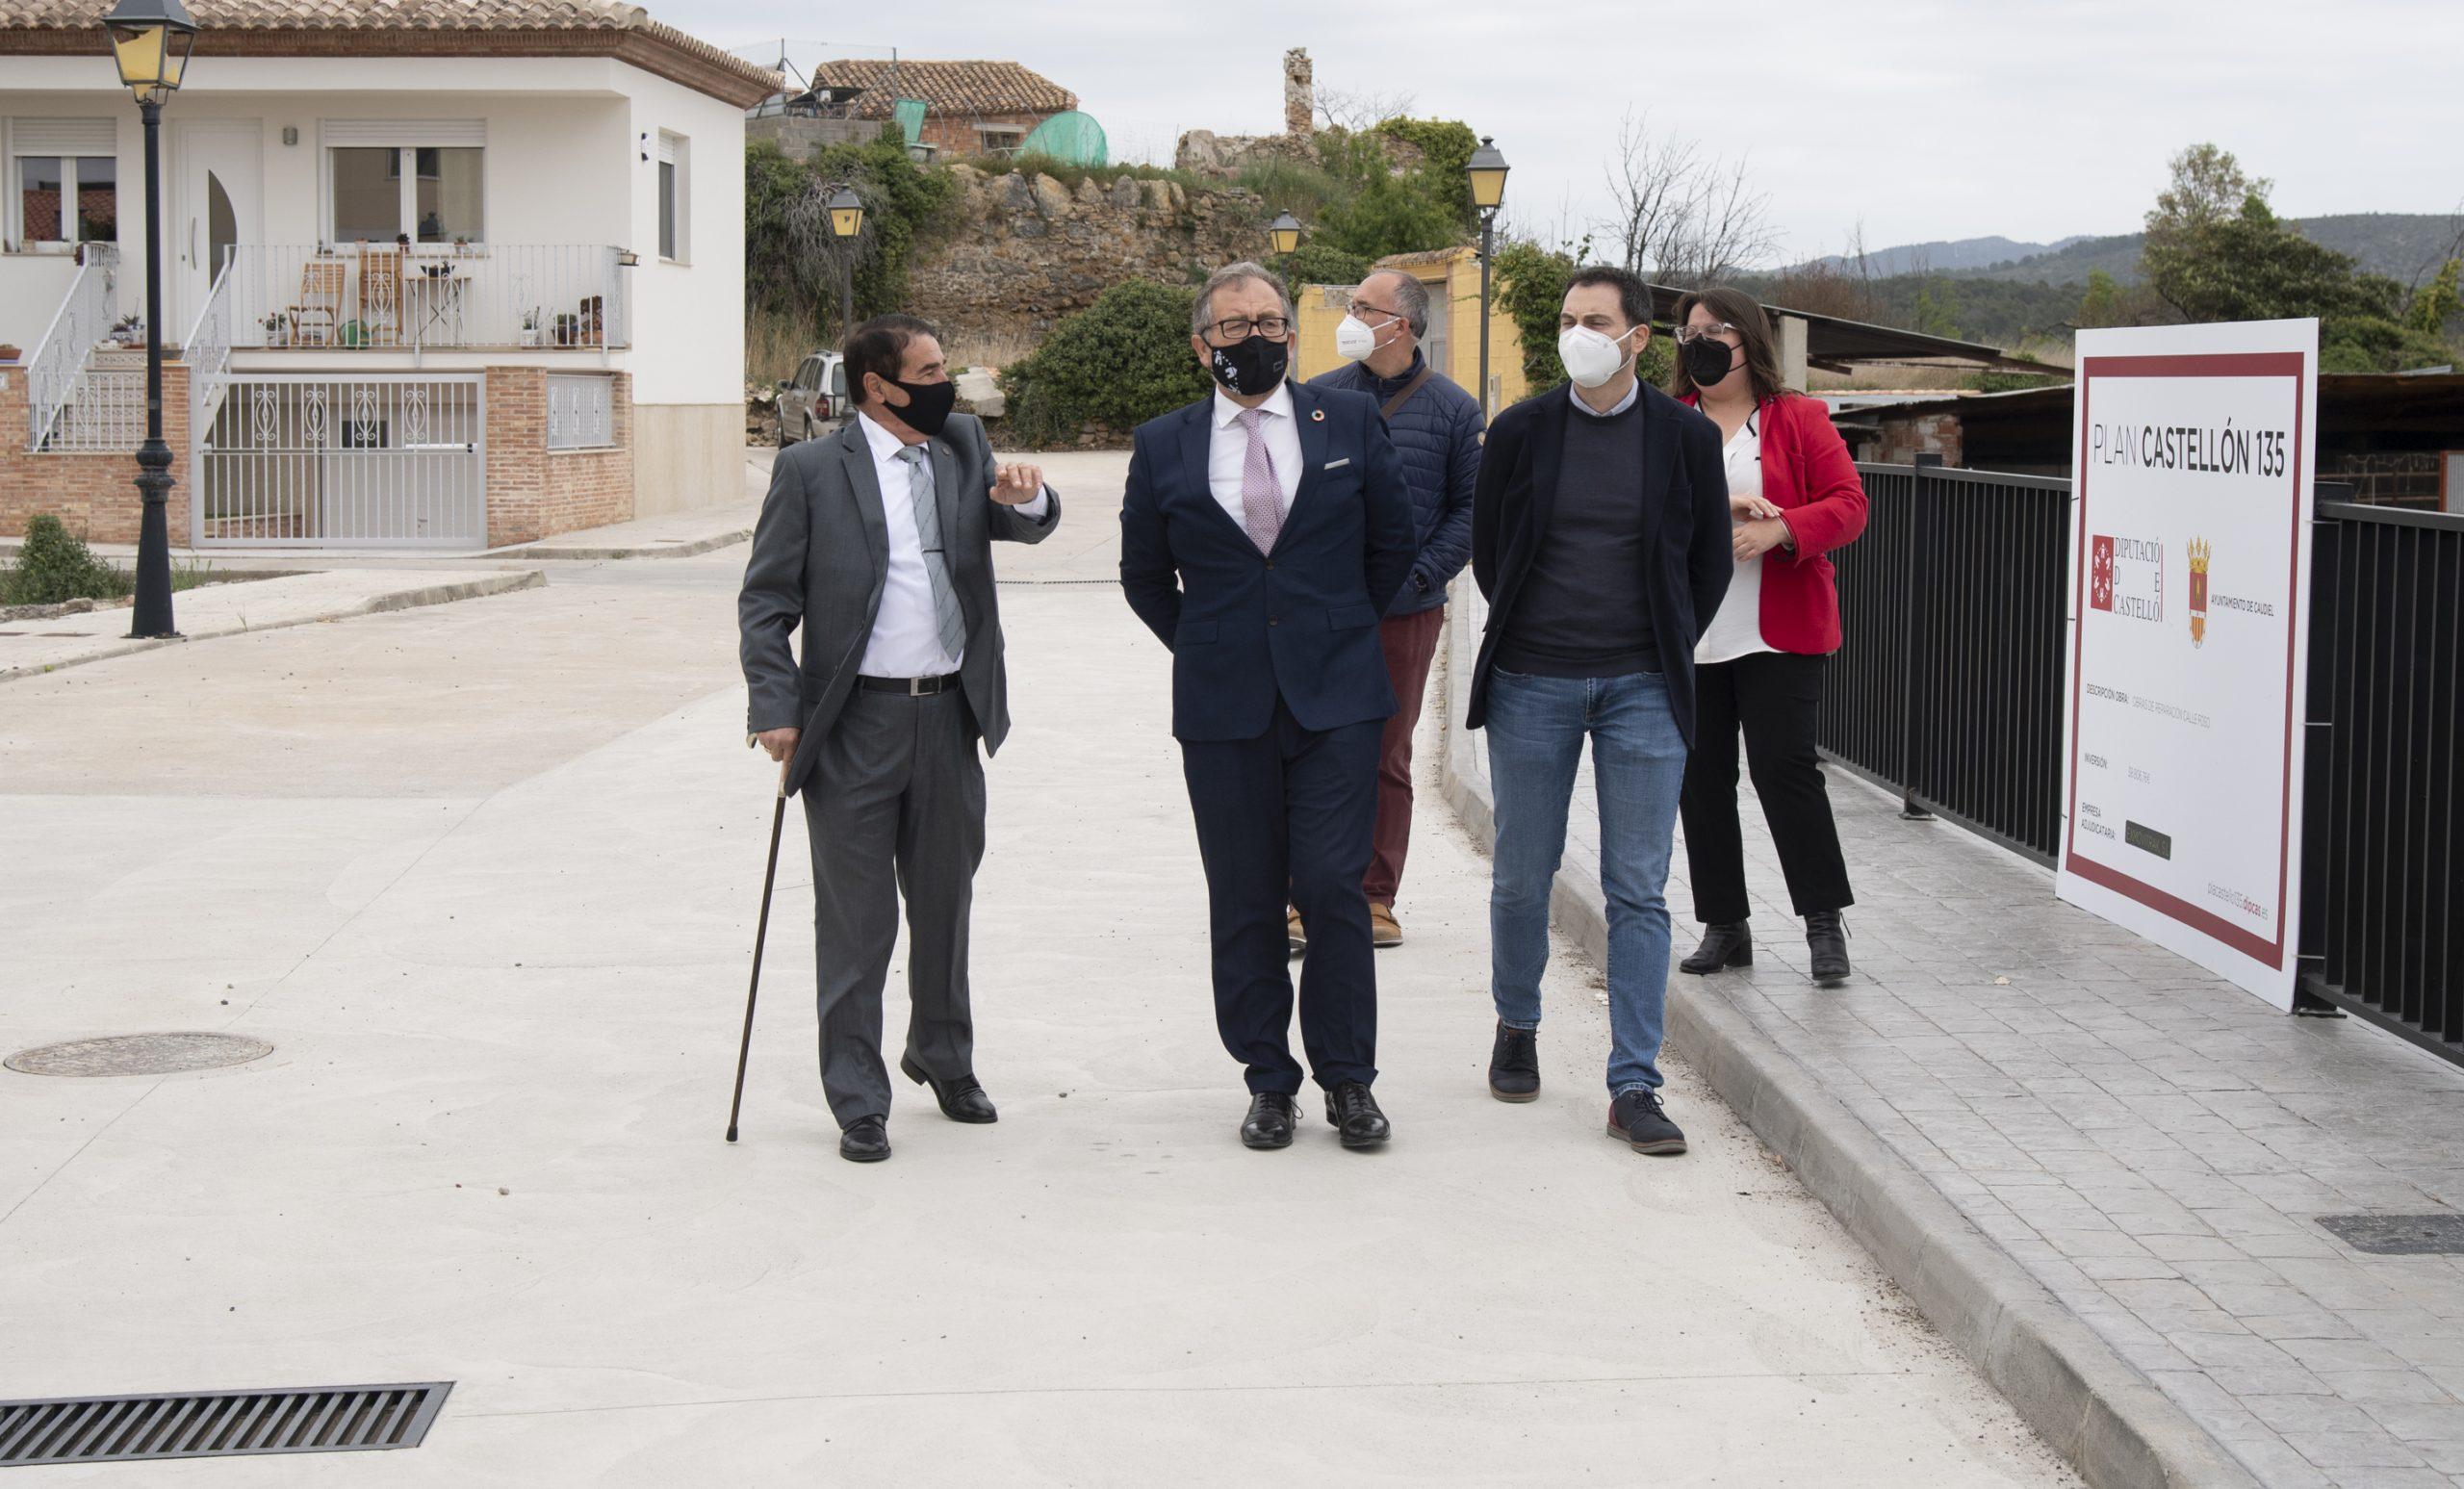 La Diputación de Castellón transferirá este año a los ayuntamientos de menos de 20.000 habitantes 24 millones de euros más que en 2019